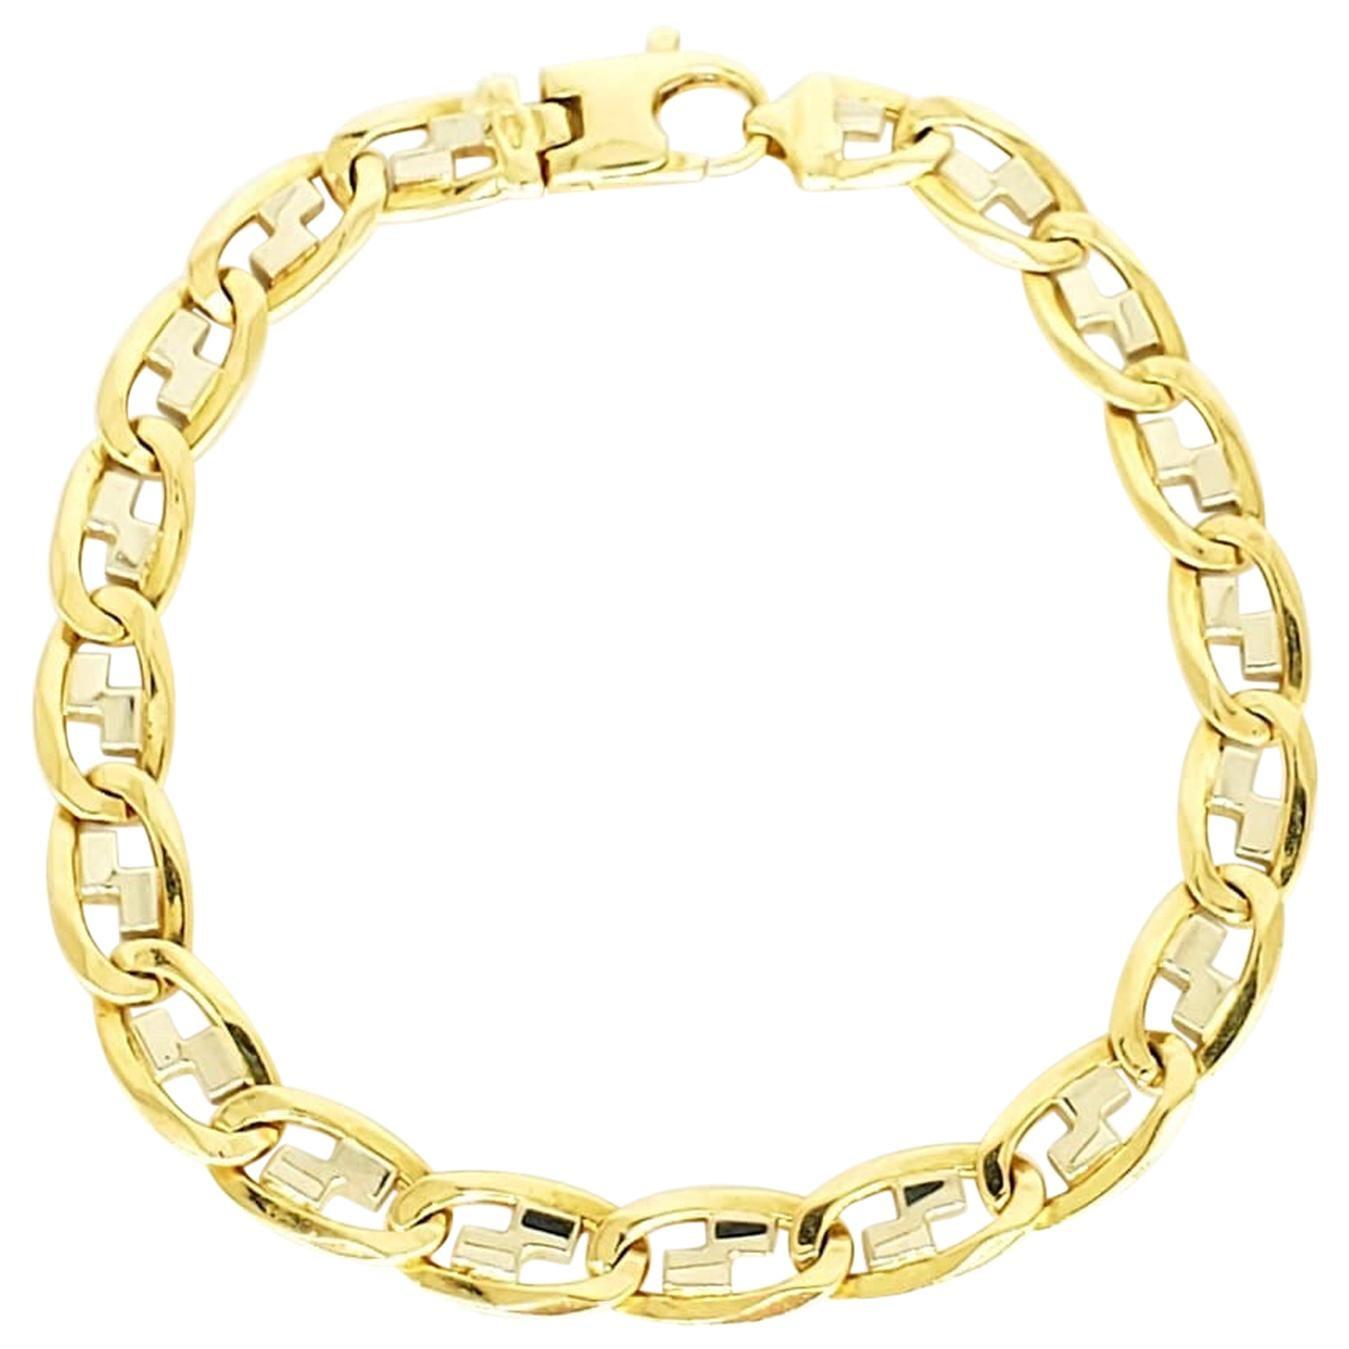 Vintage Men's Fancy Mariner Link Two-Tone 18 Karat Bracelet